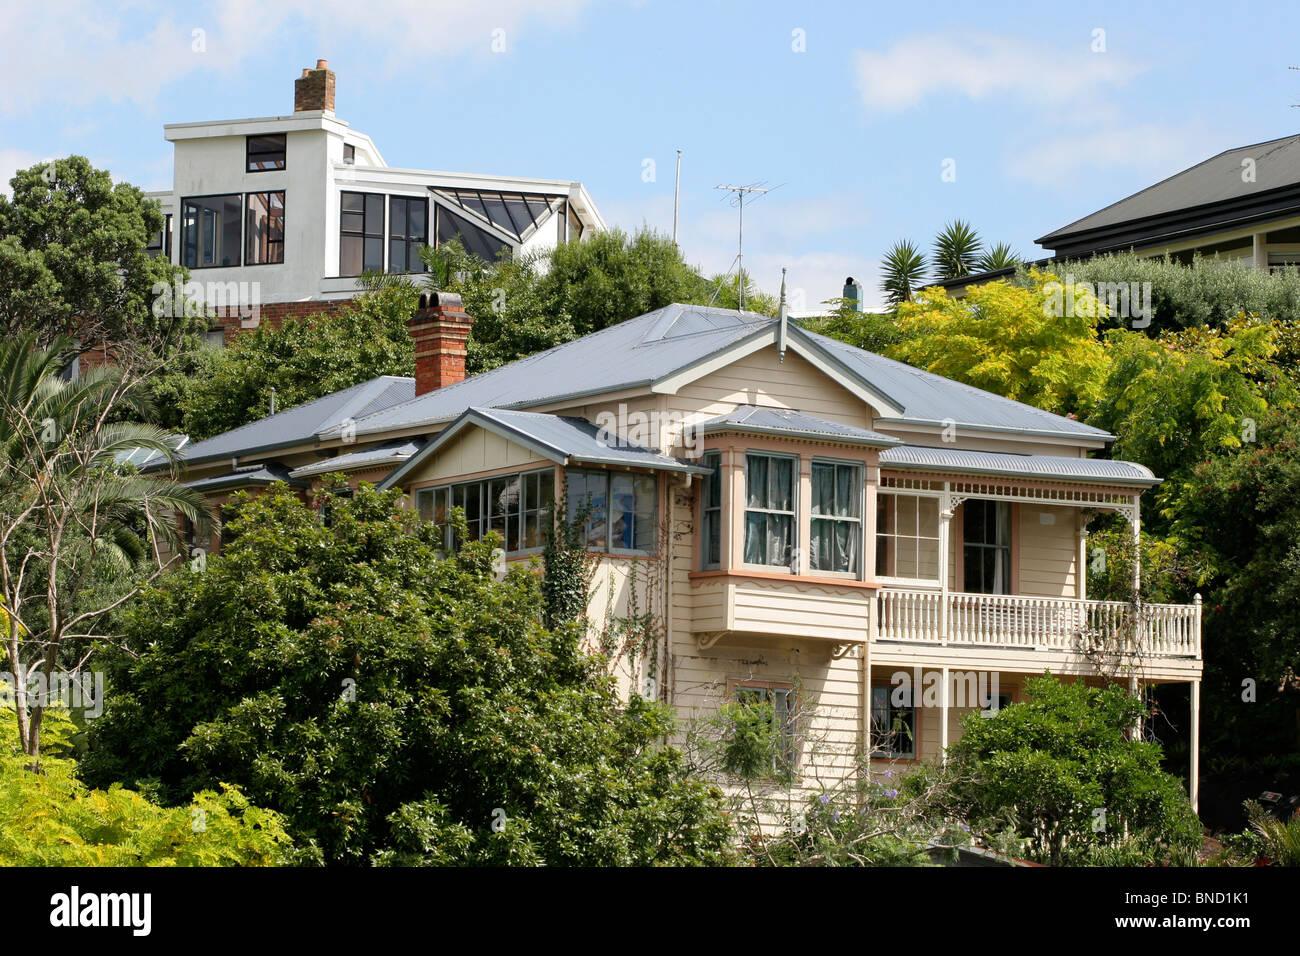 DEVONPORT außerhalb Auckland Neuseeland 2010 mit einem Familly Häuser im modernen und viktorianischen Stockbild